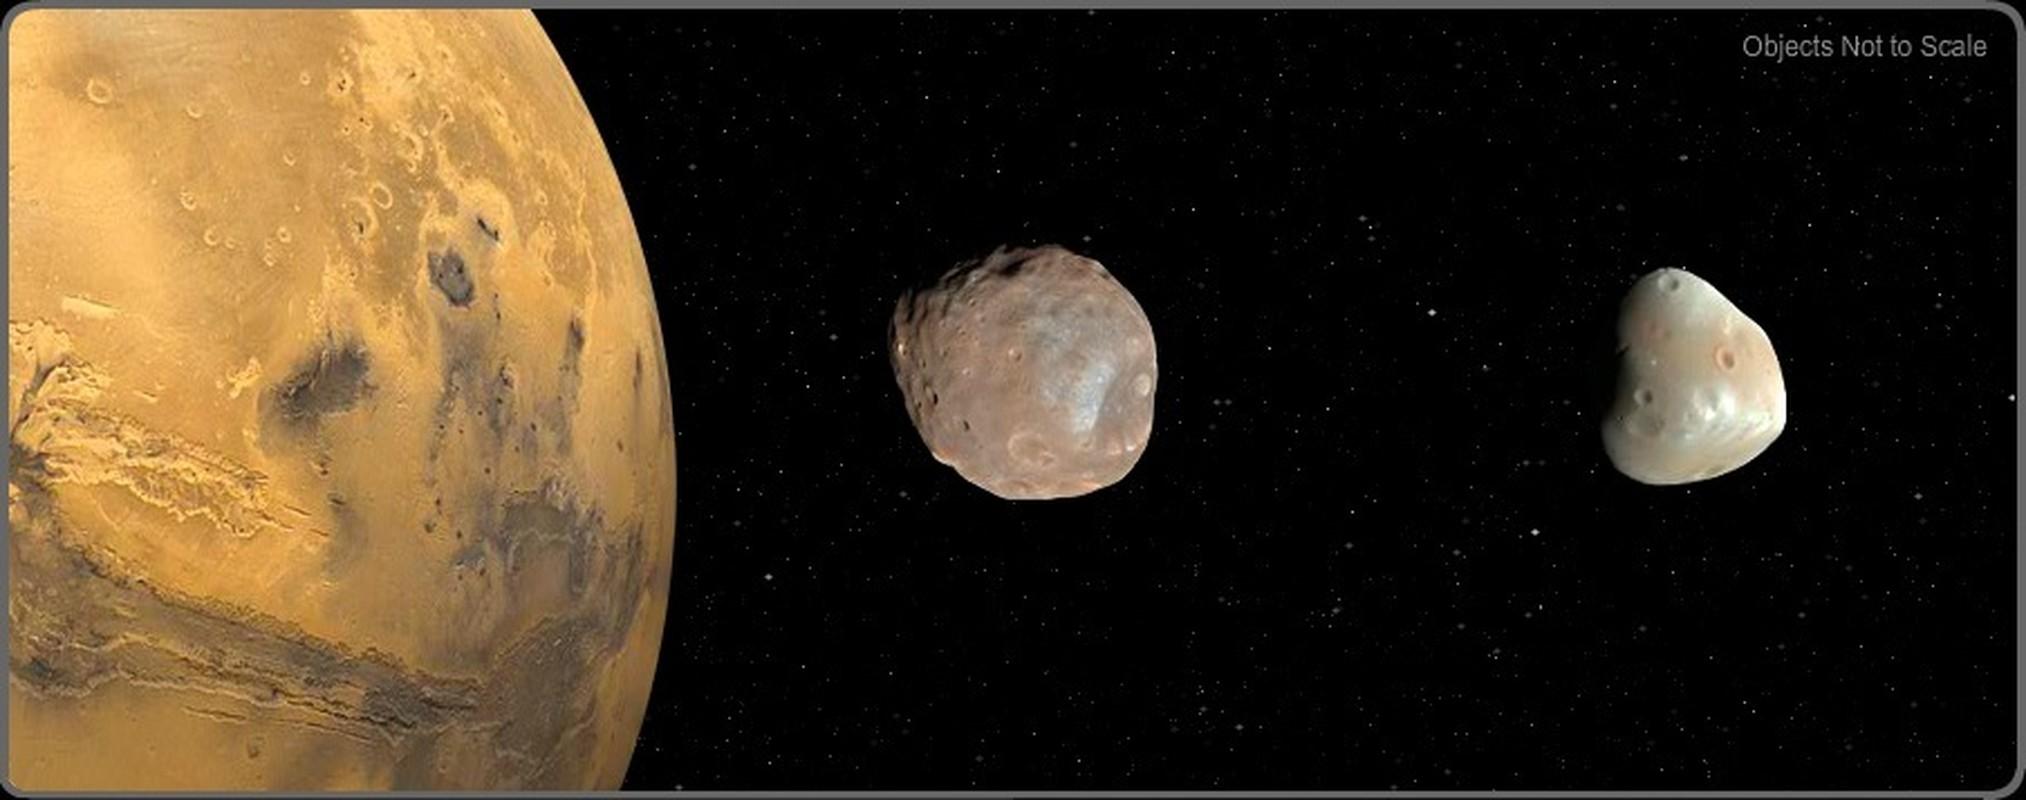 Sao Hoa dang xau xe hai Mat trang ve tinh Phobos va Deimos